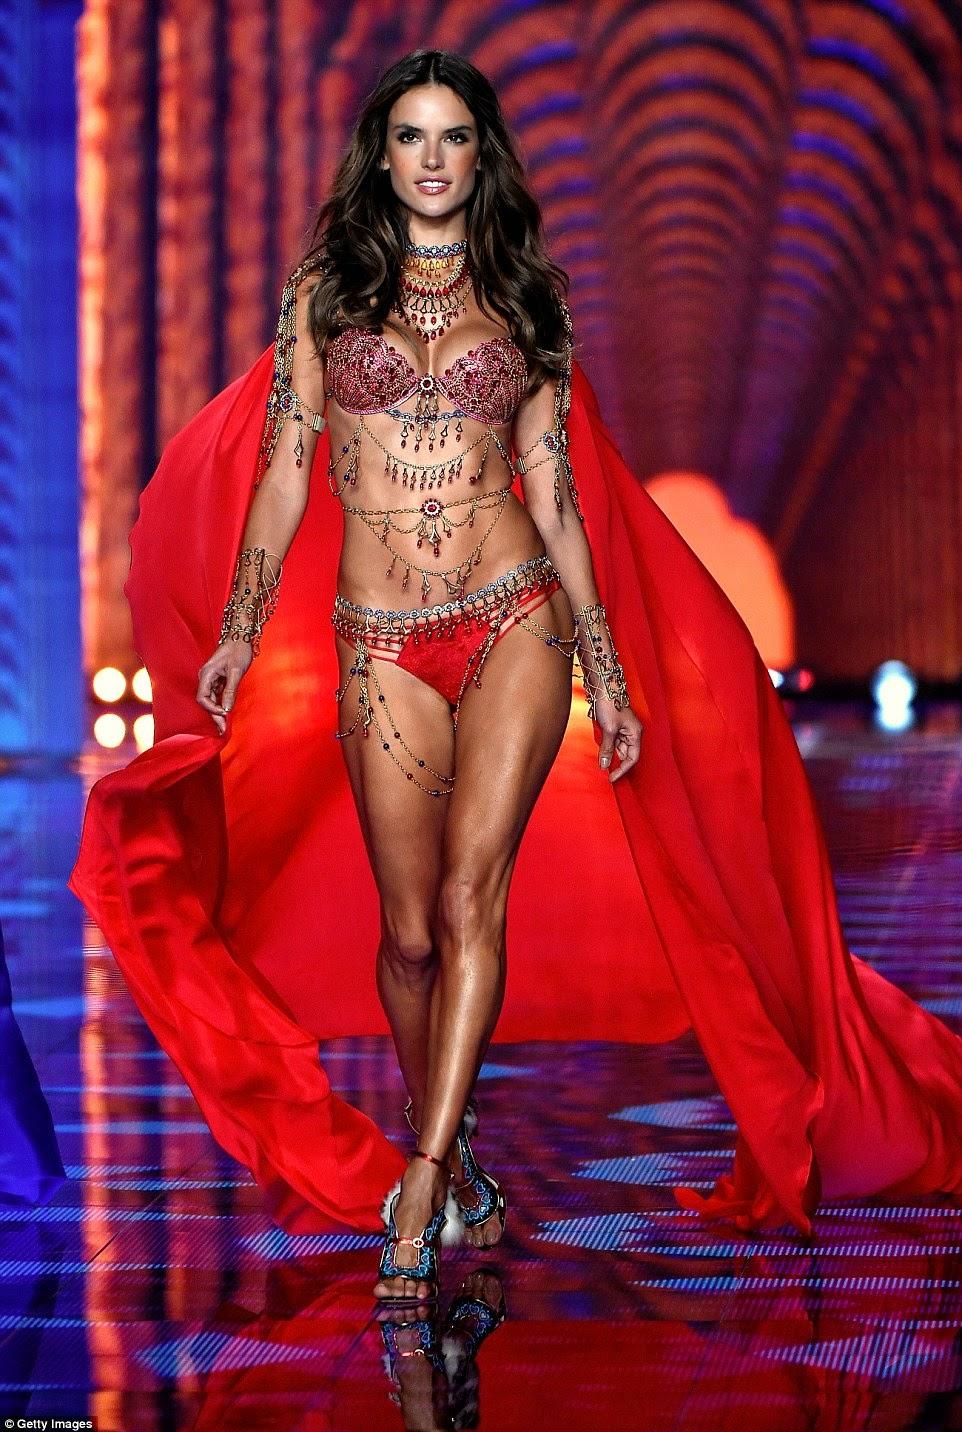 Alessandra Ambrosio - VS Dream Angels Fantasy Bras at the 2014 Victoria's Secret Fashion Show